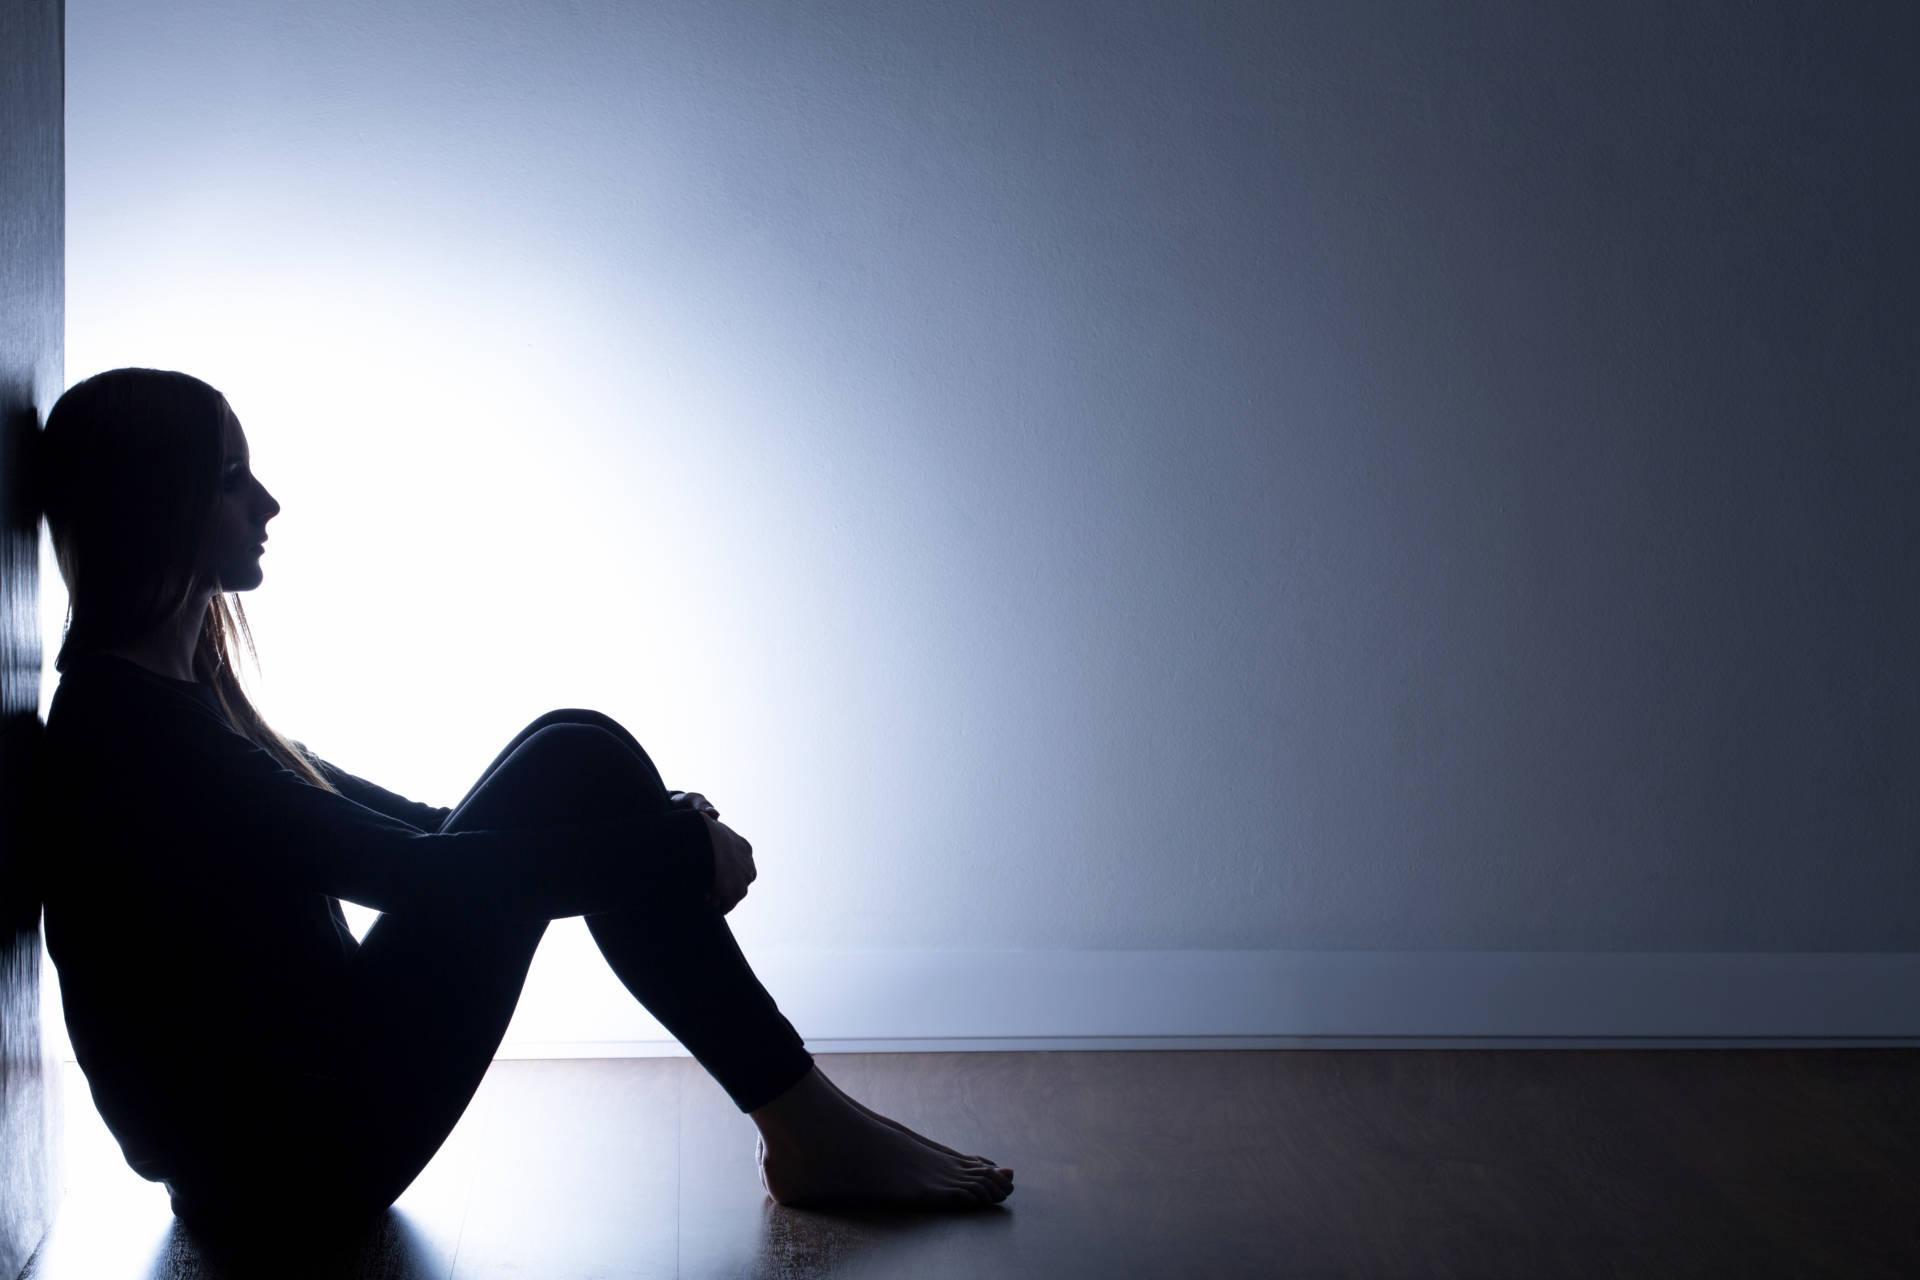 História de Familiares Que Vivenciam o Cuidado da Pessoa Com Depressão